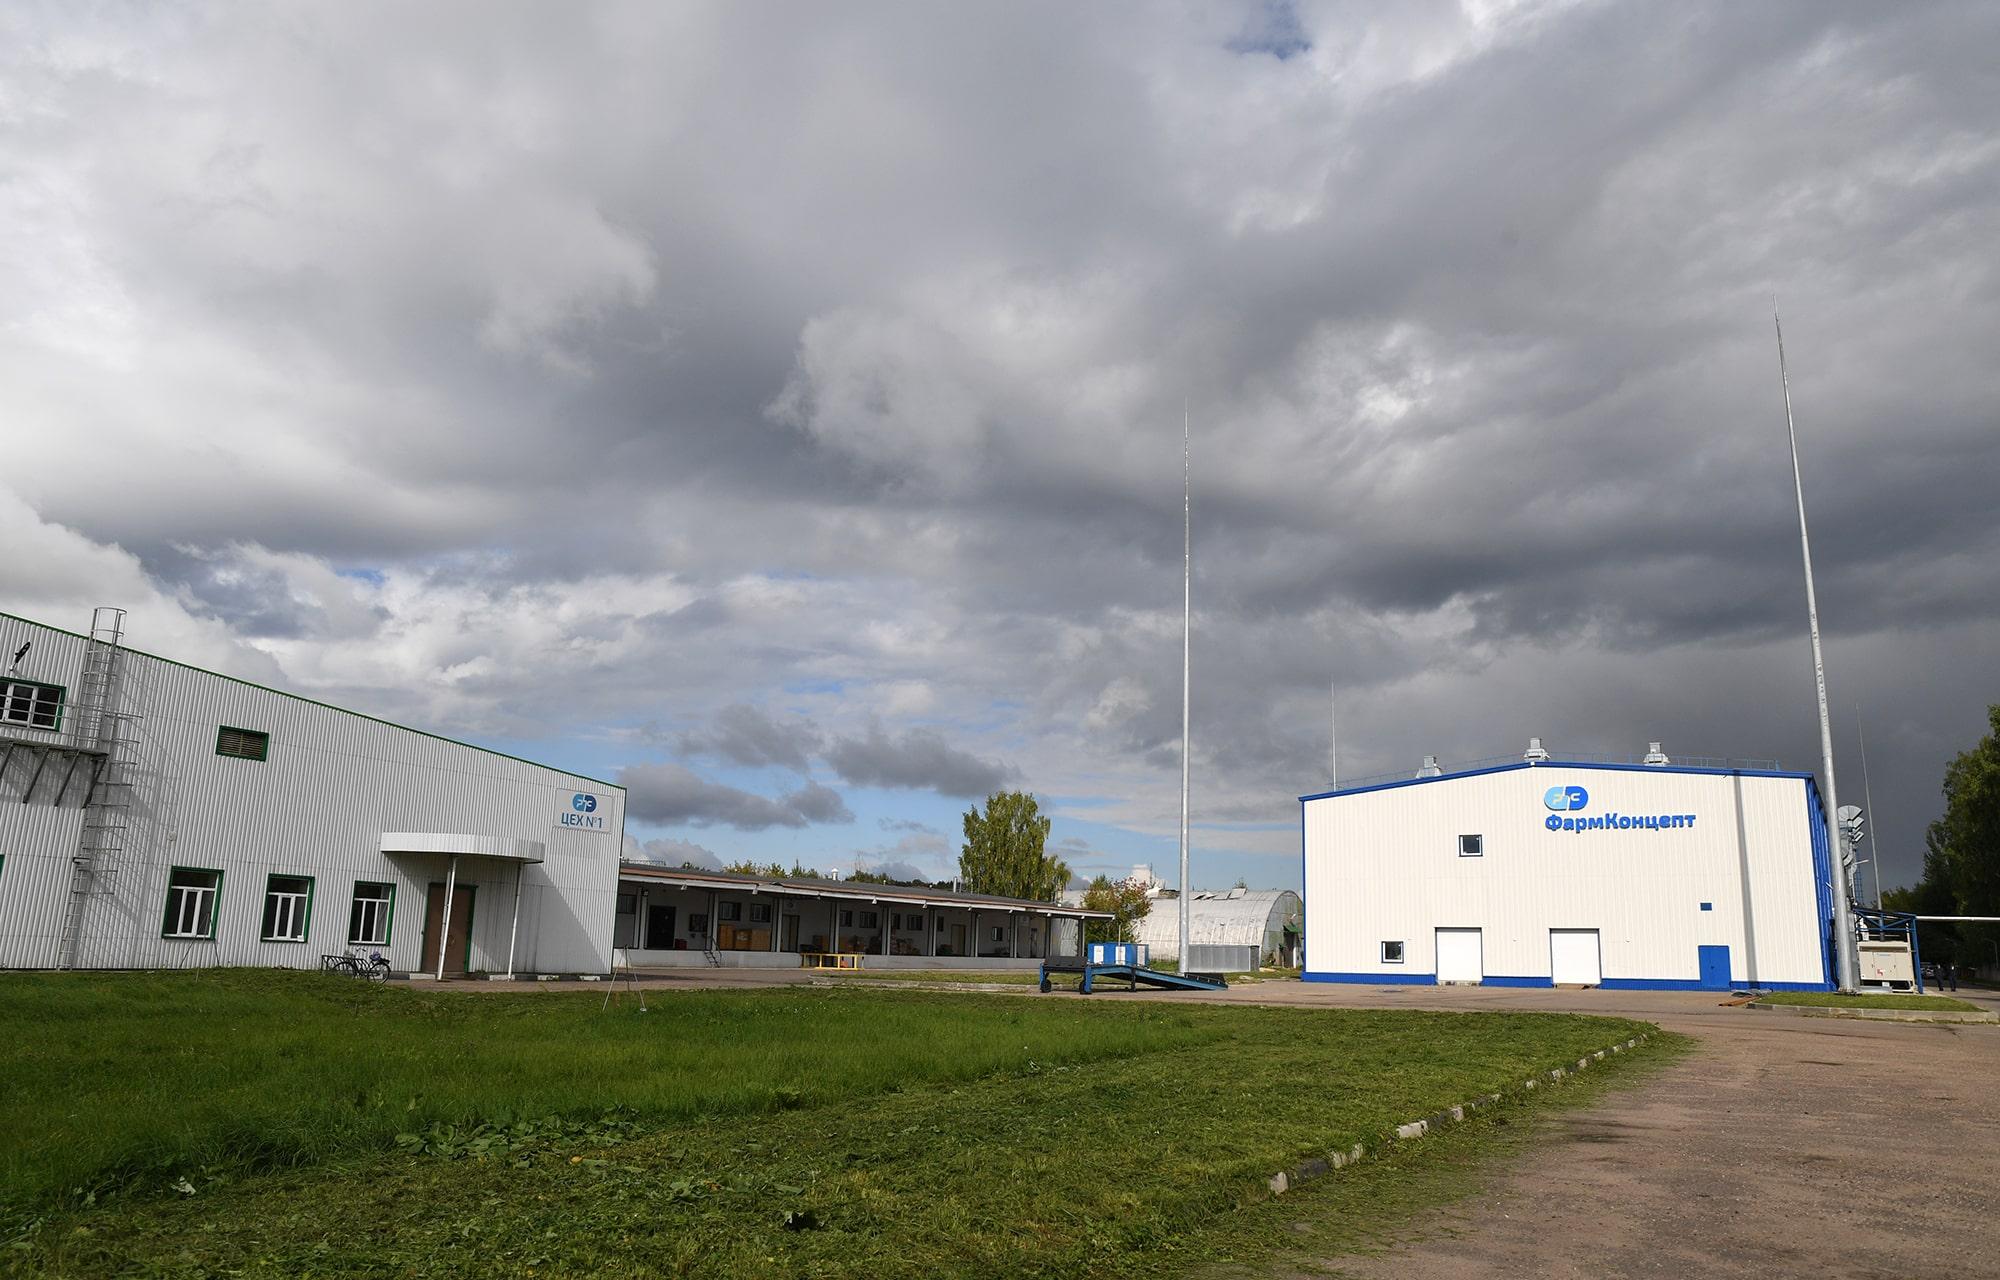 Губернатор Игорь Руденя высоко оценил работу фармацевтического предприятия в Тверской области